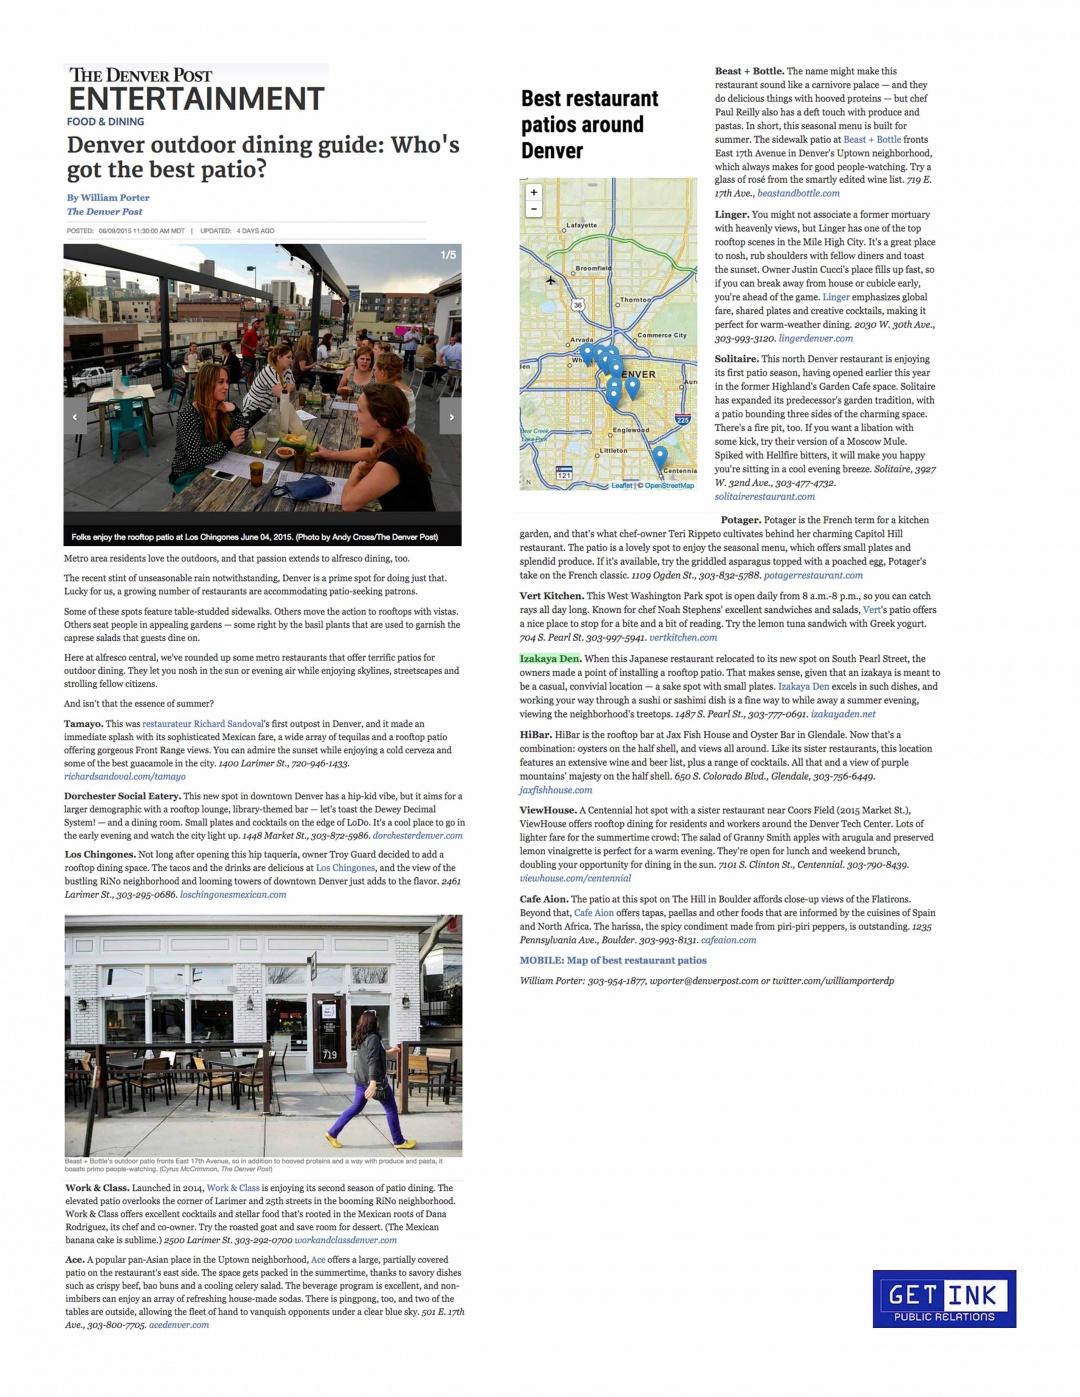 DenverPost.com 6.12.15